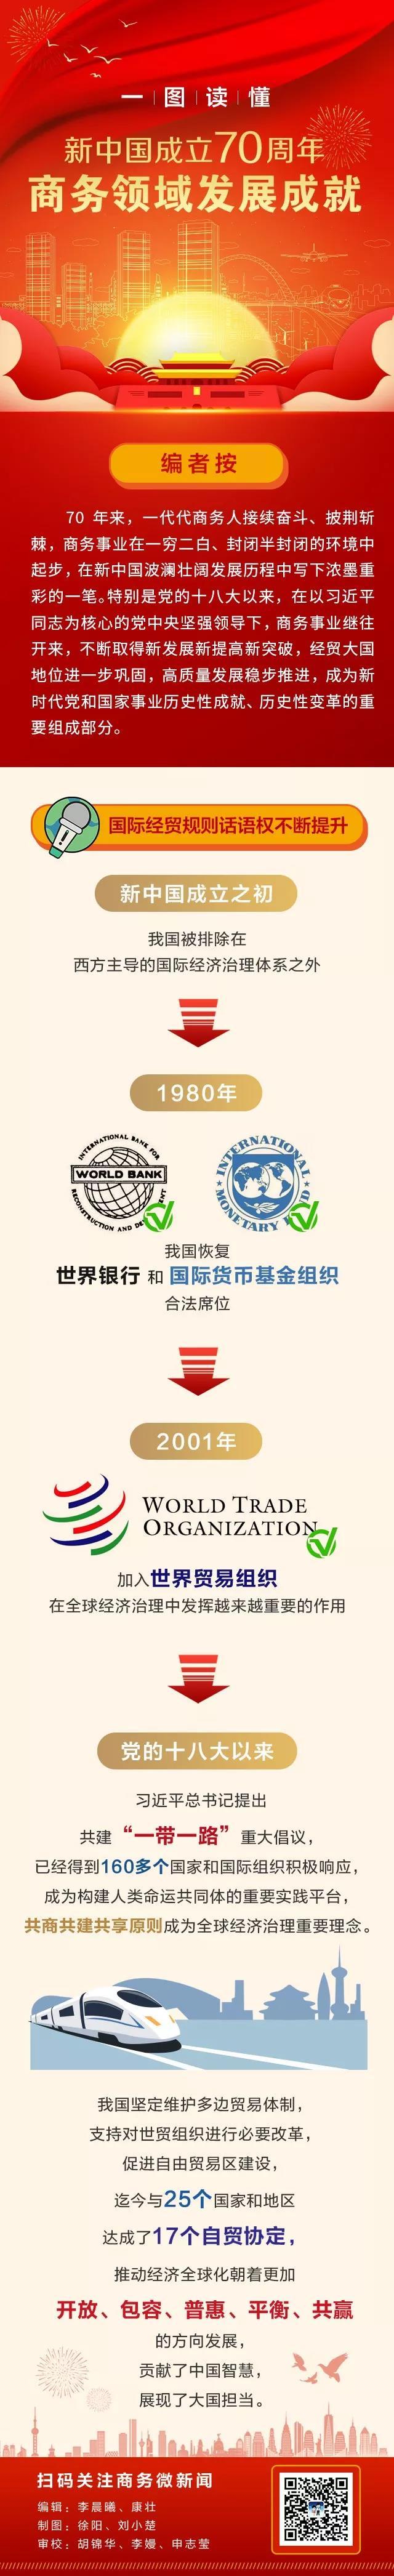 礼赞70年 商务领域发展成就 | 国际经贸规则话语权不断提升